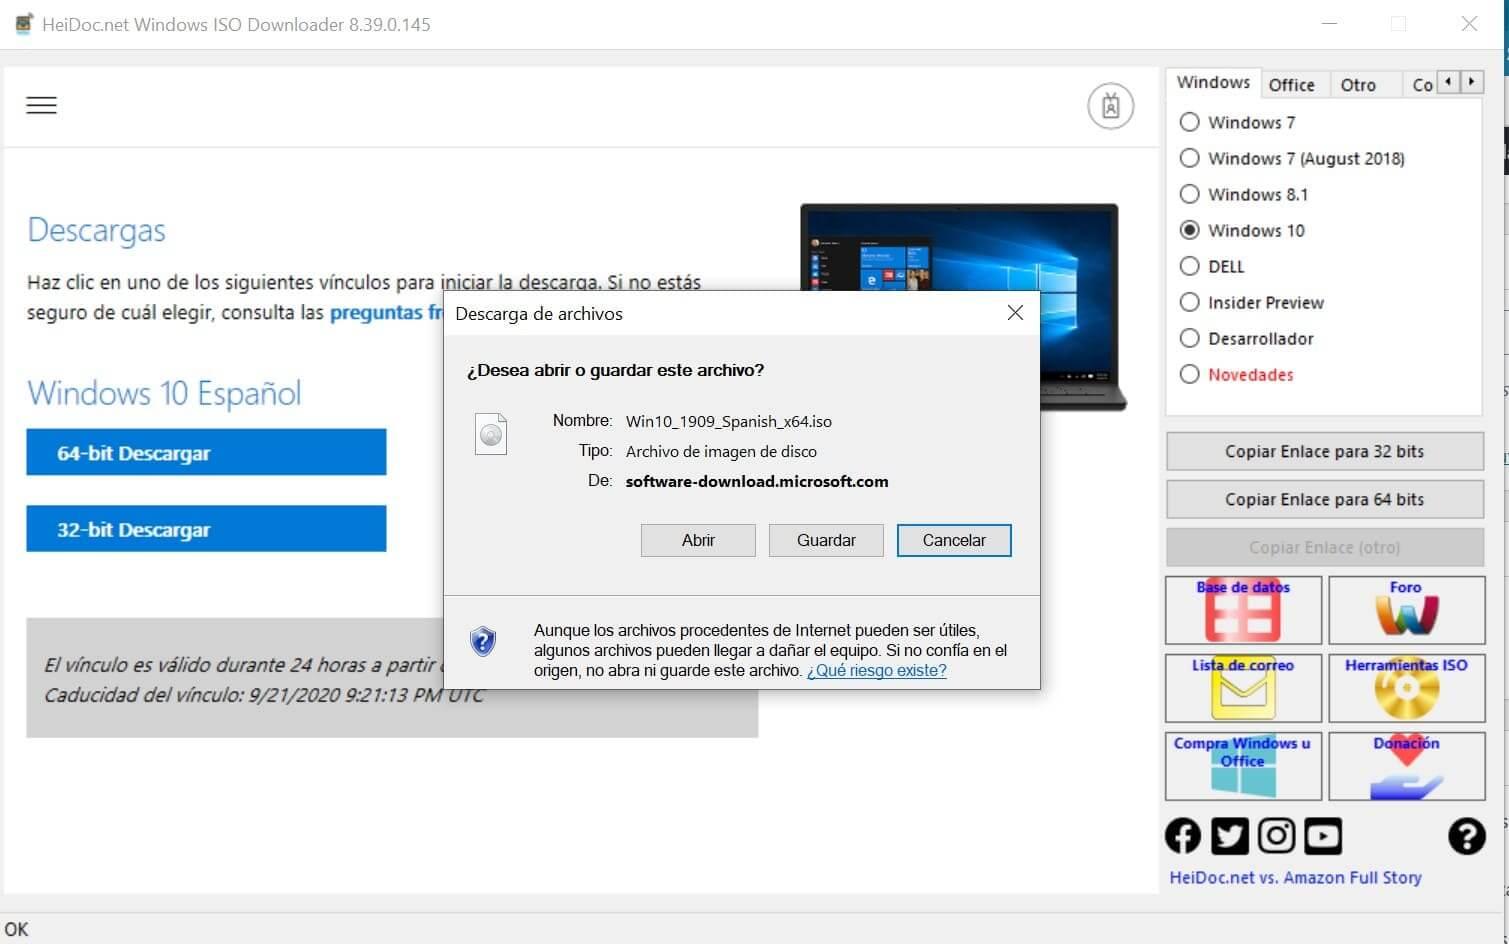 descargar ultima versión de Windows en Español en ISO